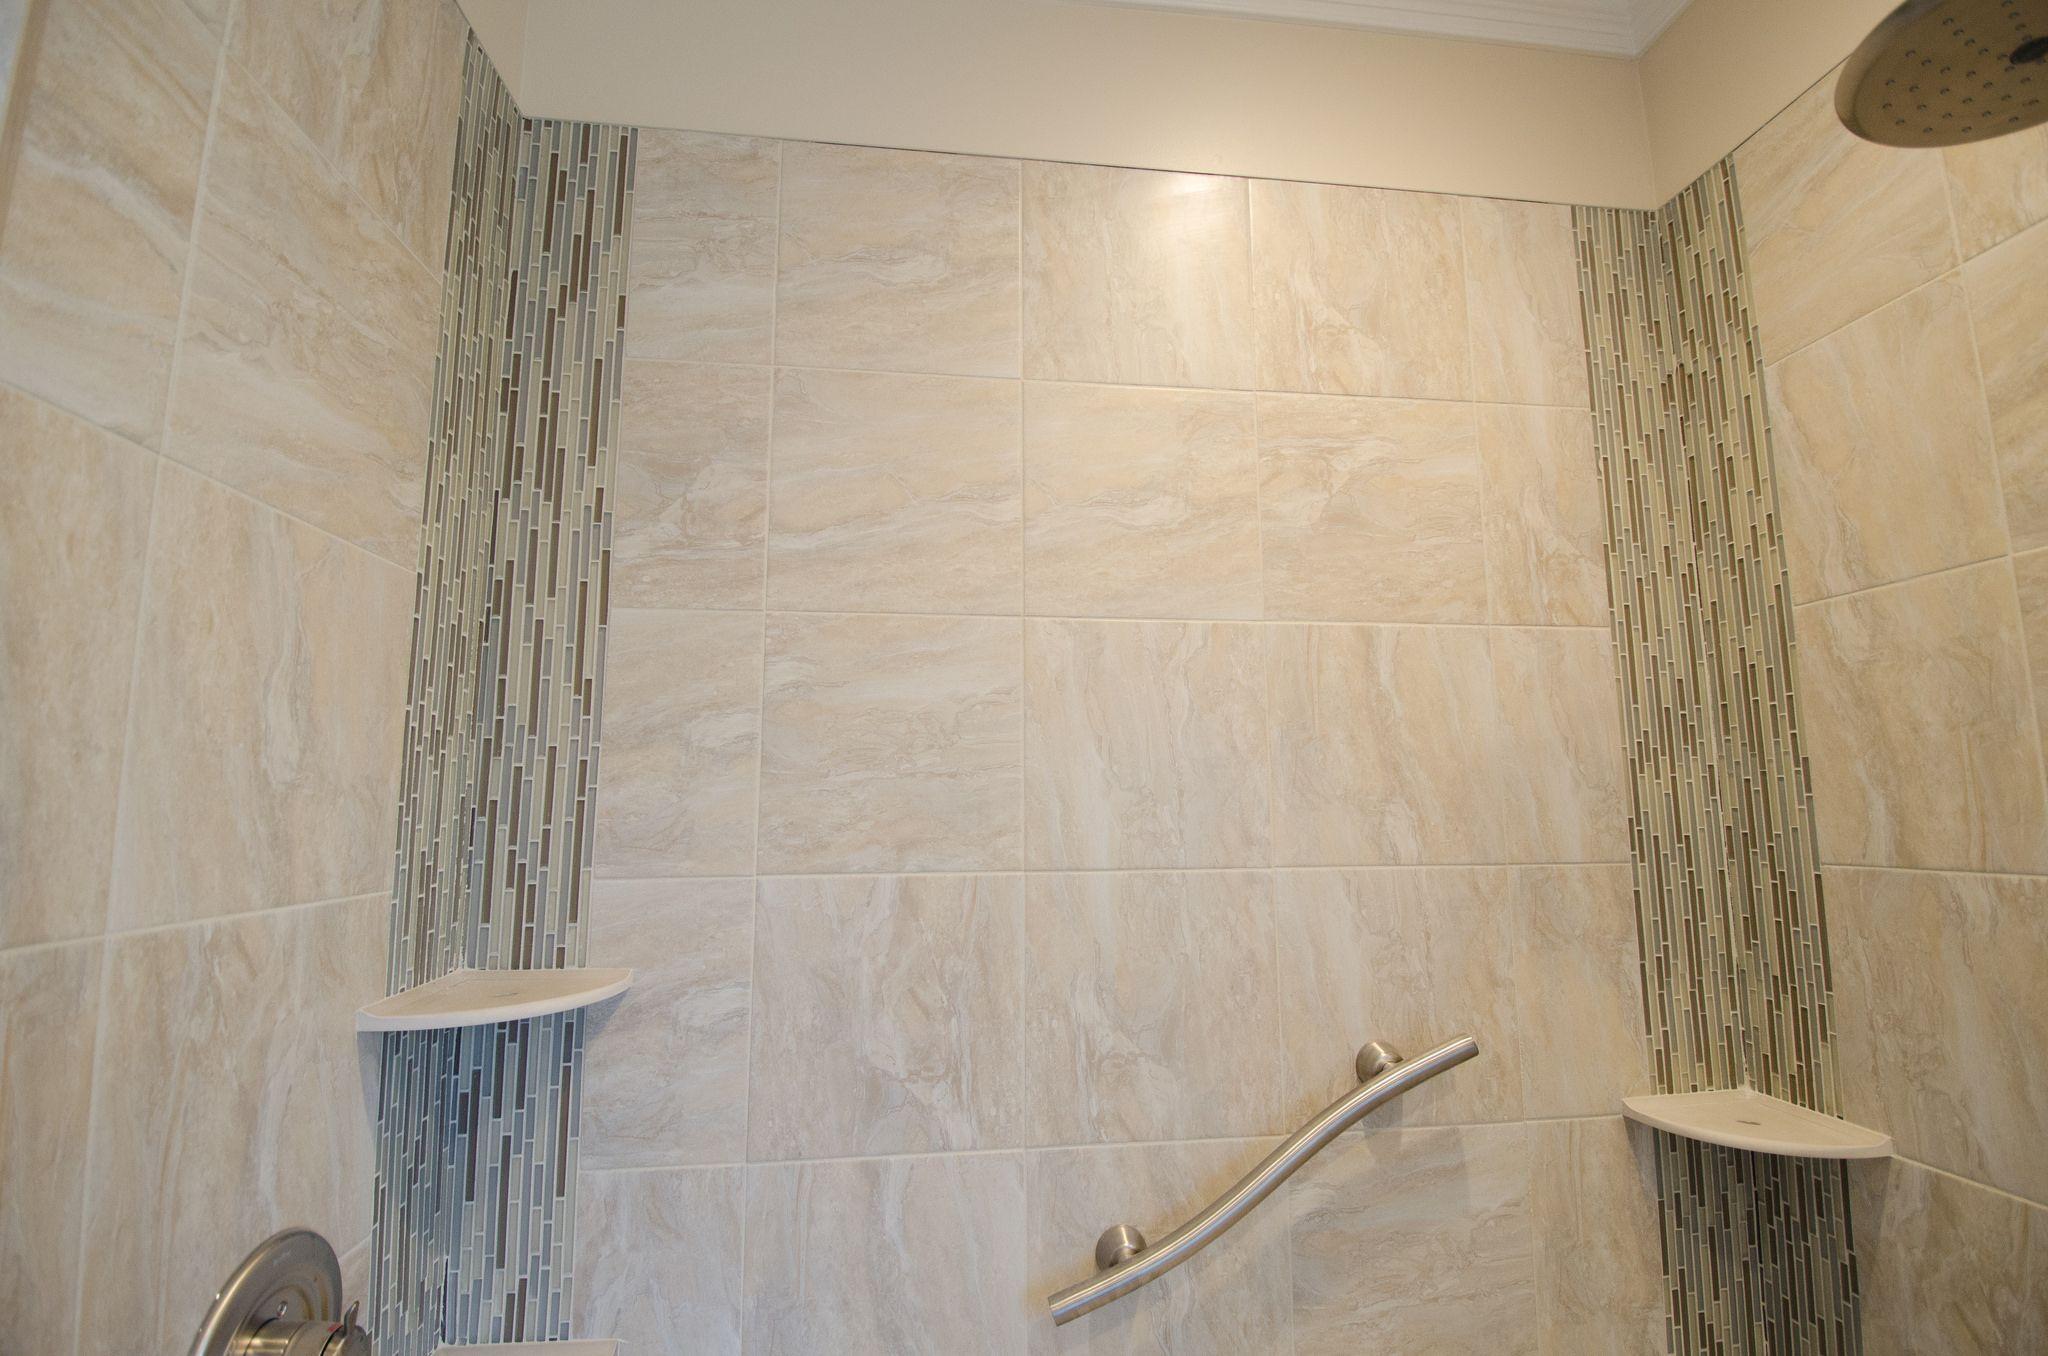 Ah after tile showers grab bars and tile design